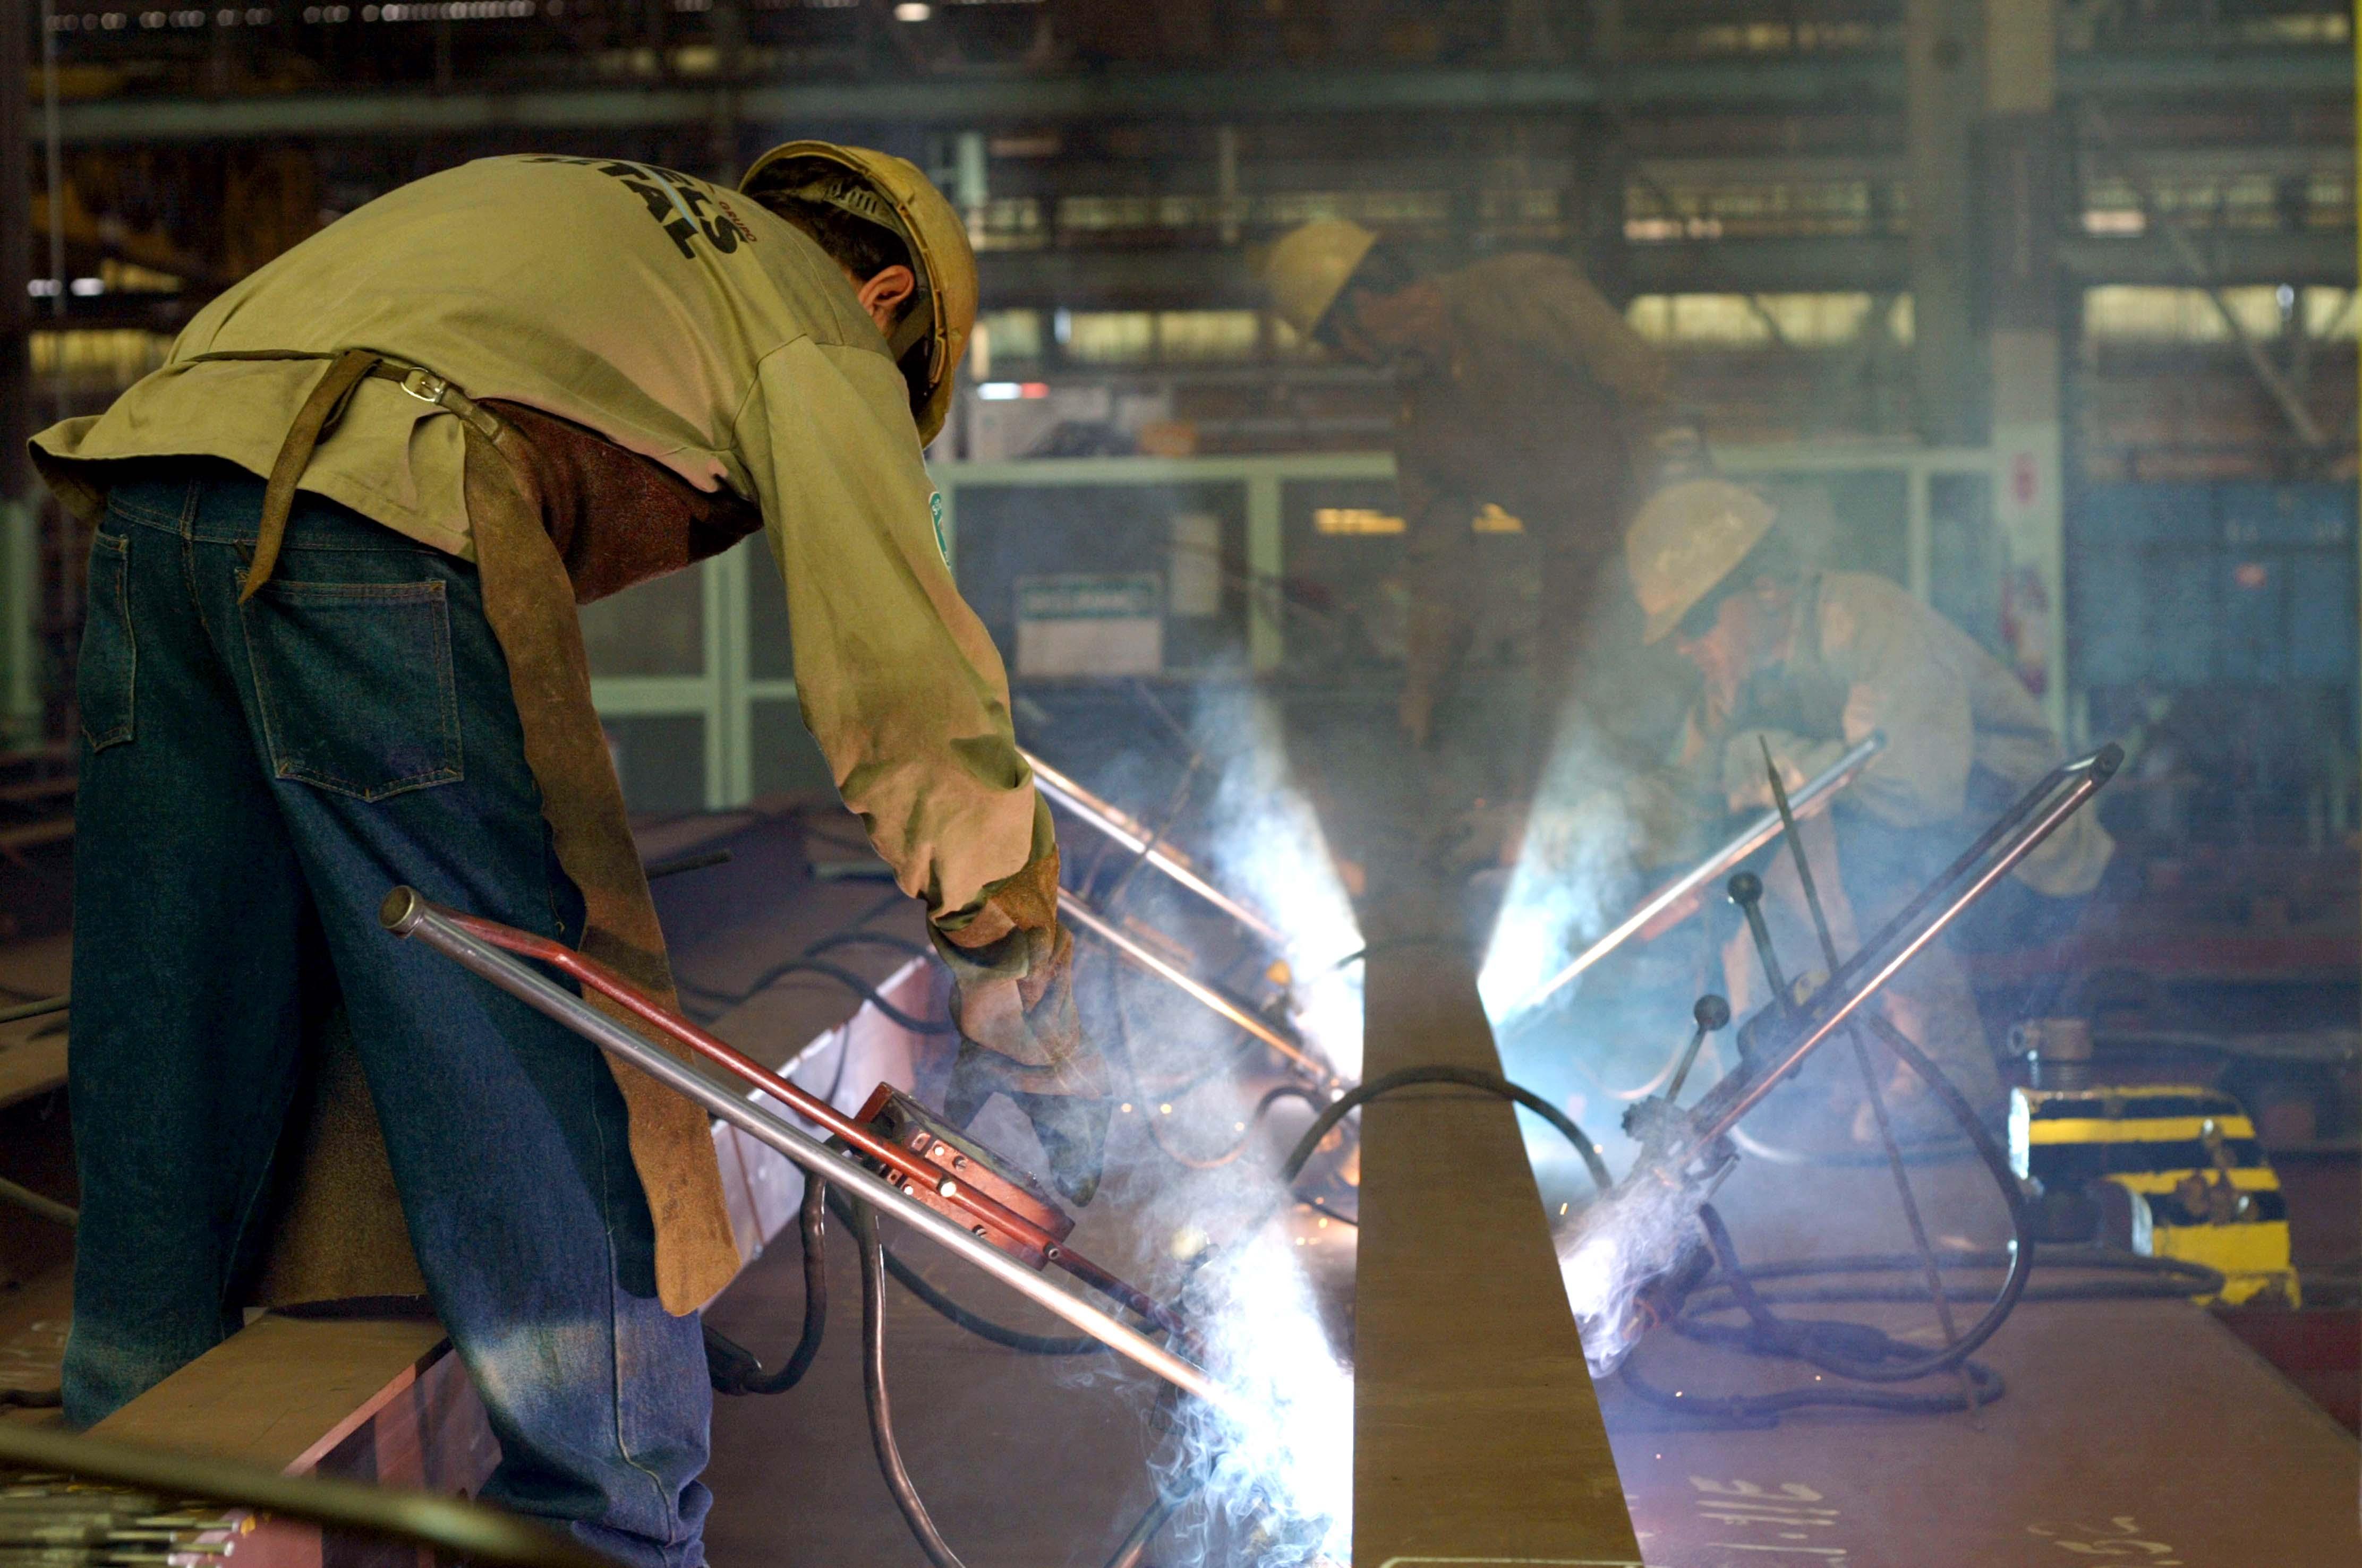 Economia - Indústria e comércio - indústria metalúrgica trabalhador